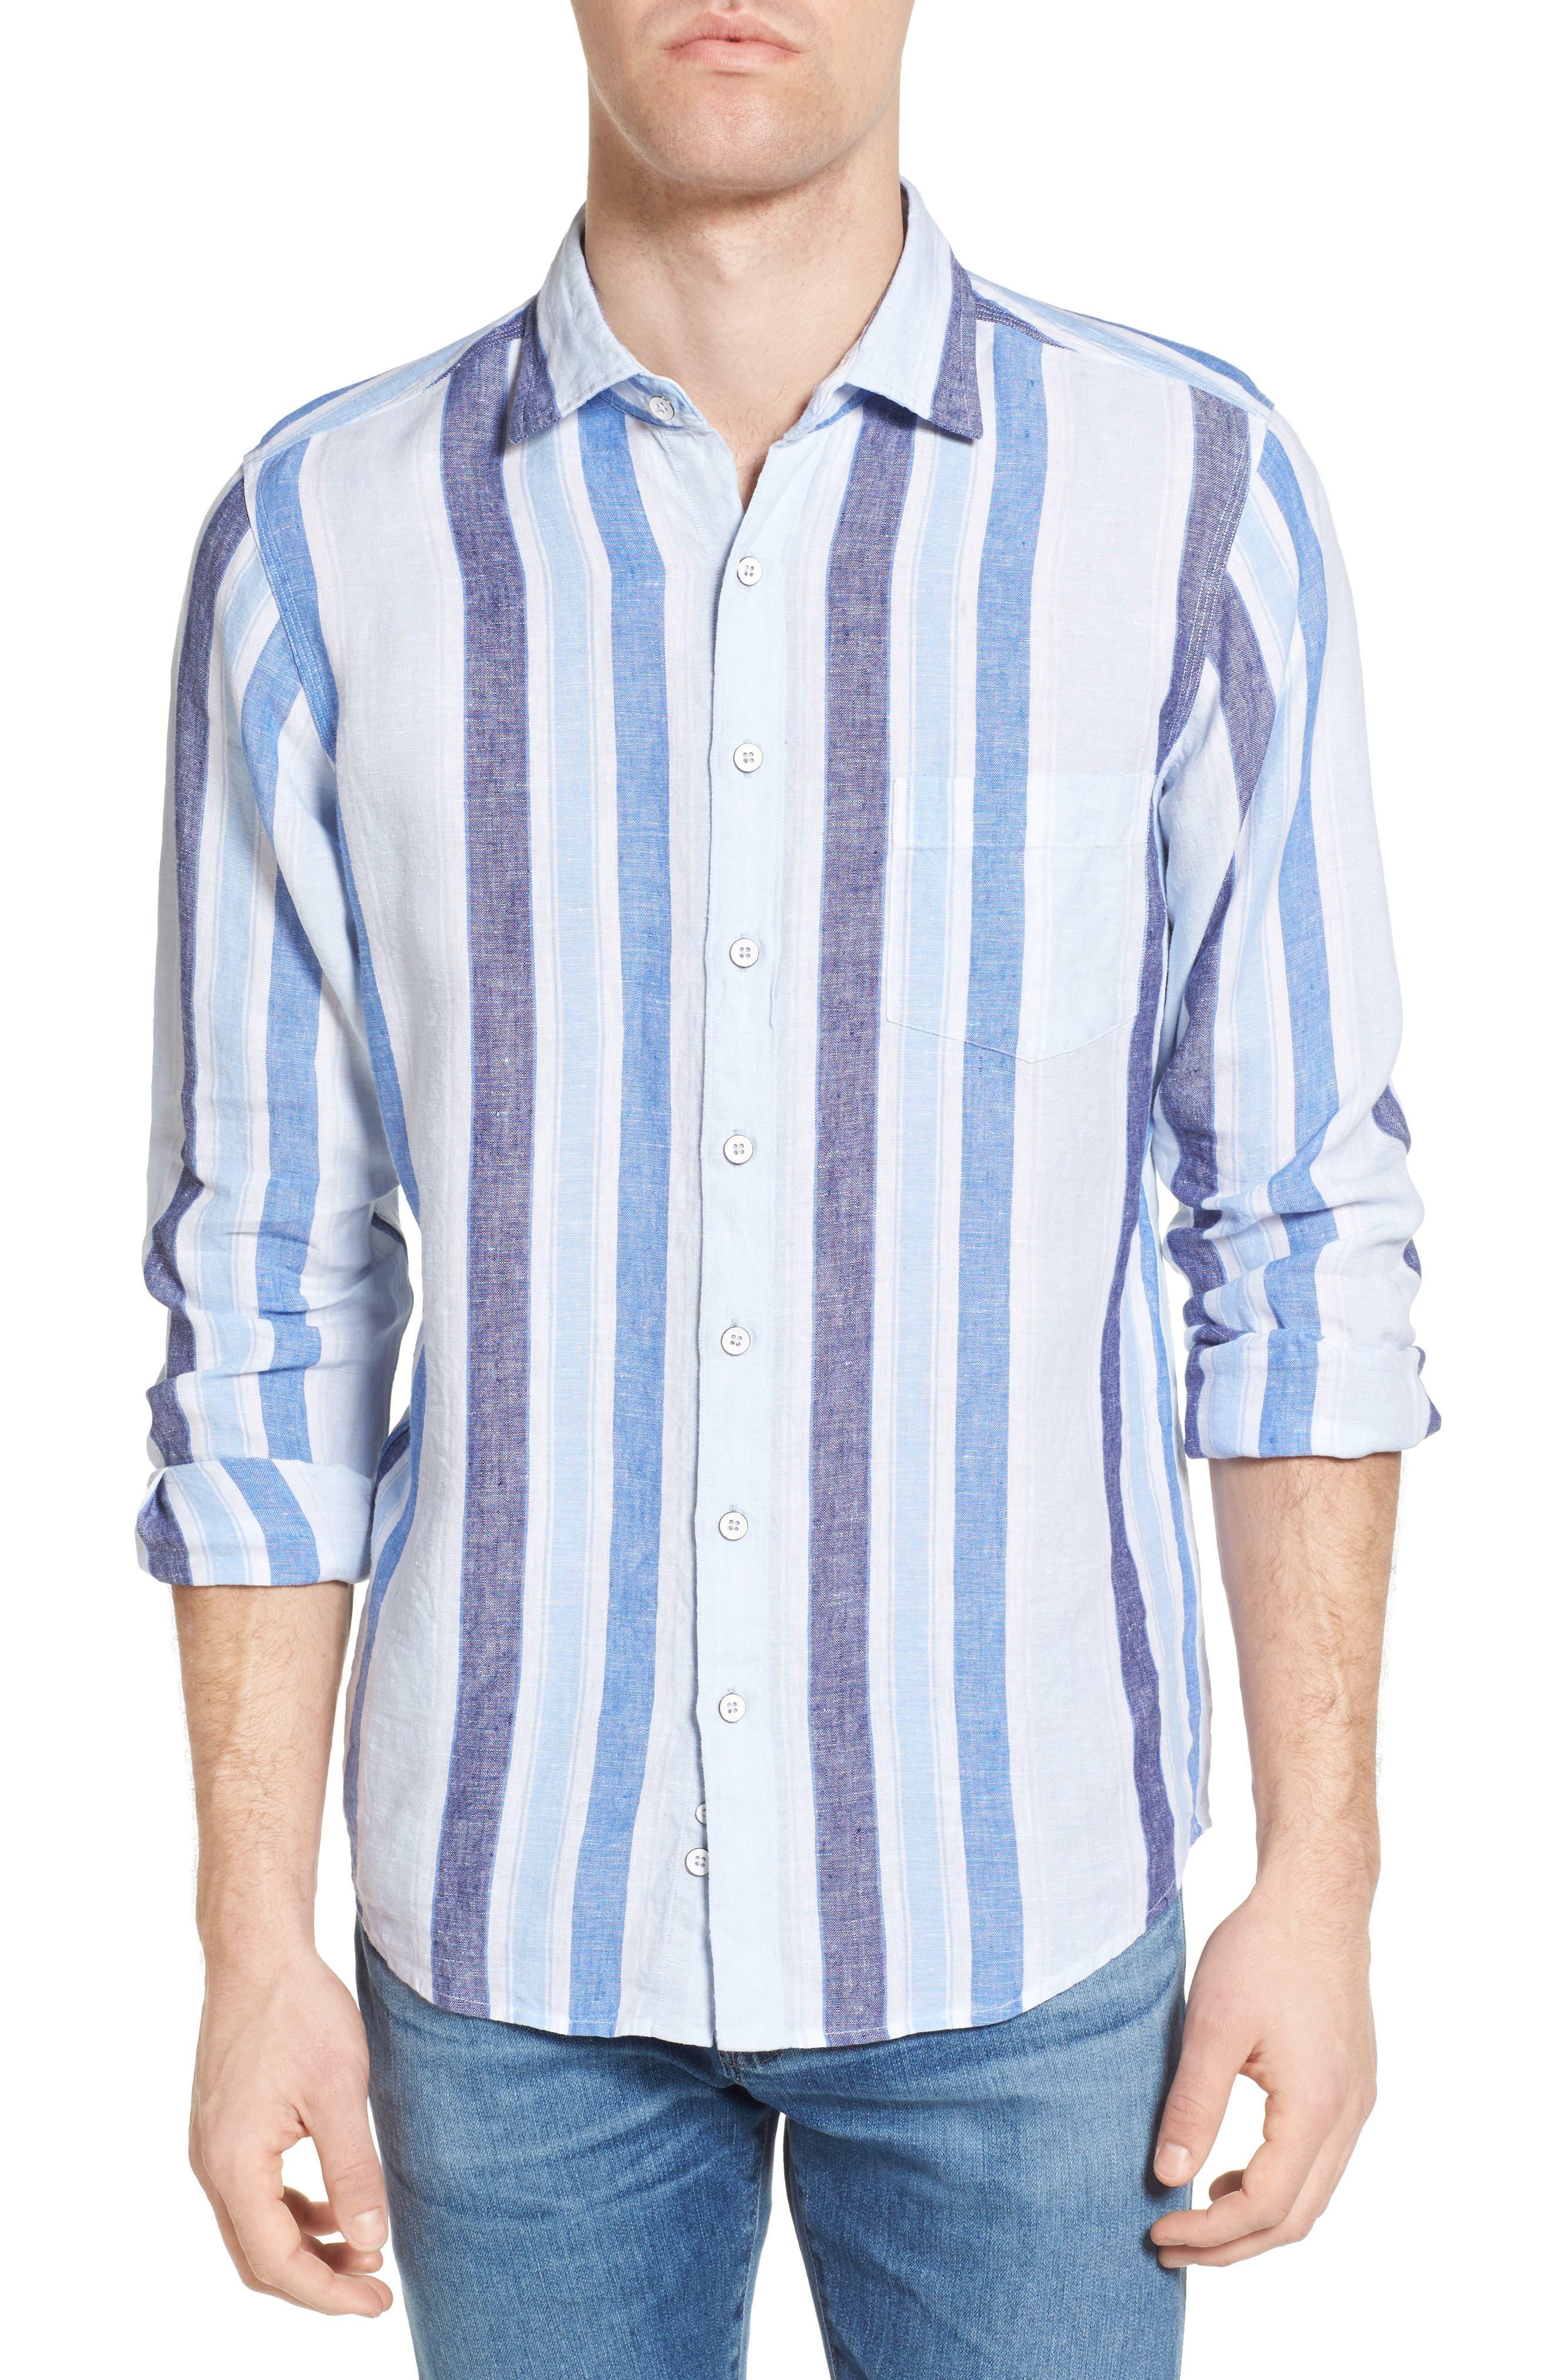 Main Image - Rodd & Gunn Glenavy Stripe Linen Sport Shirt